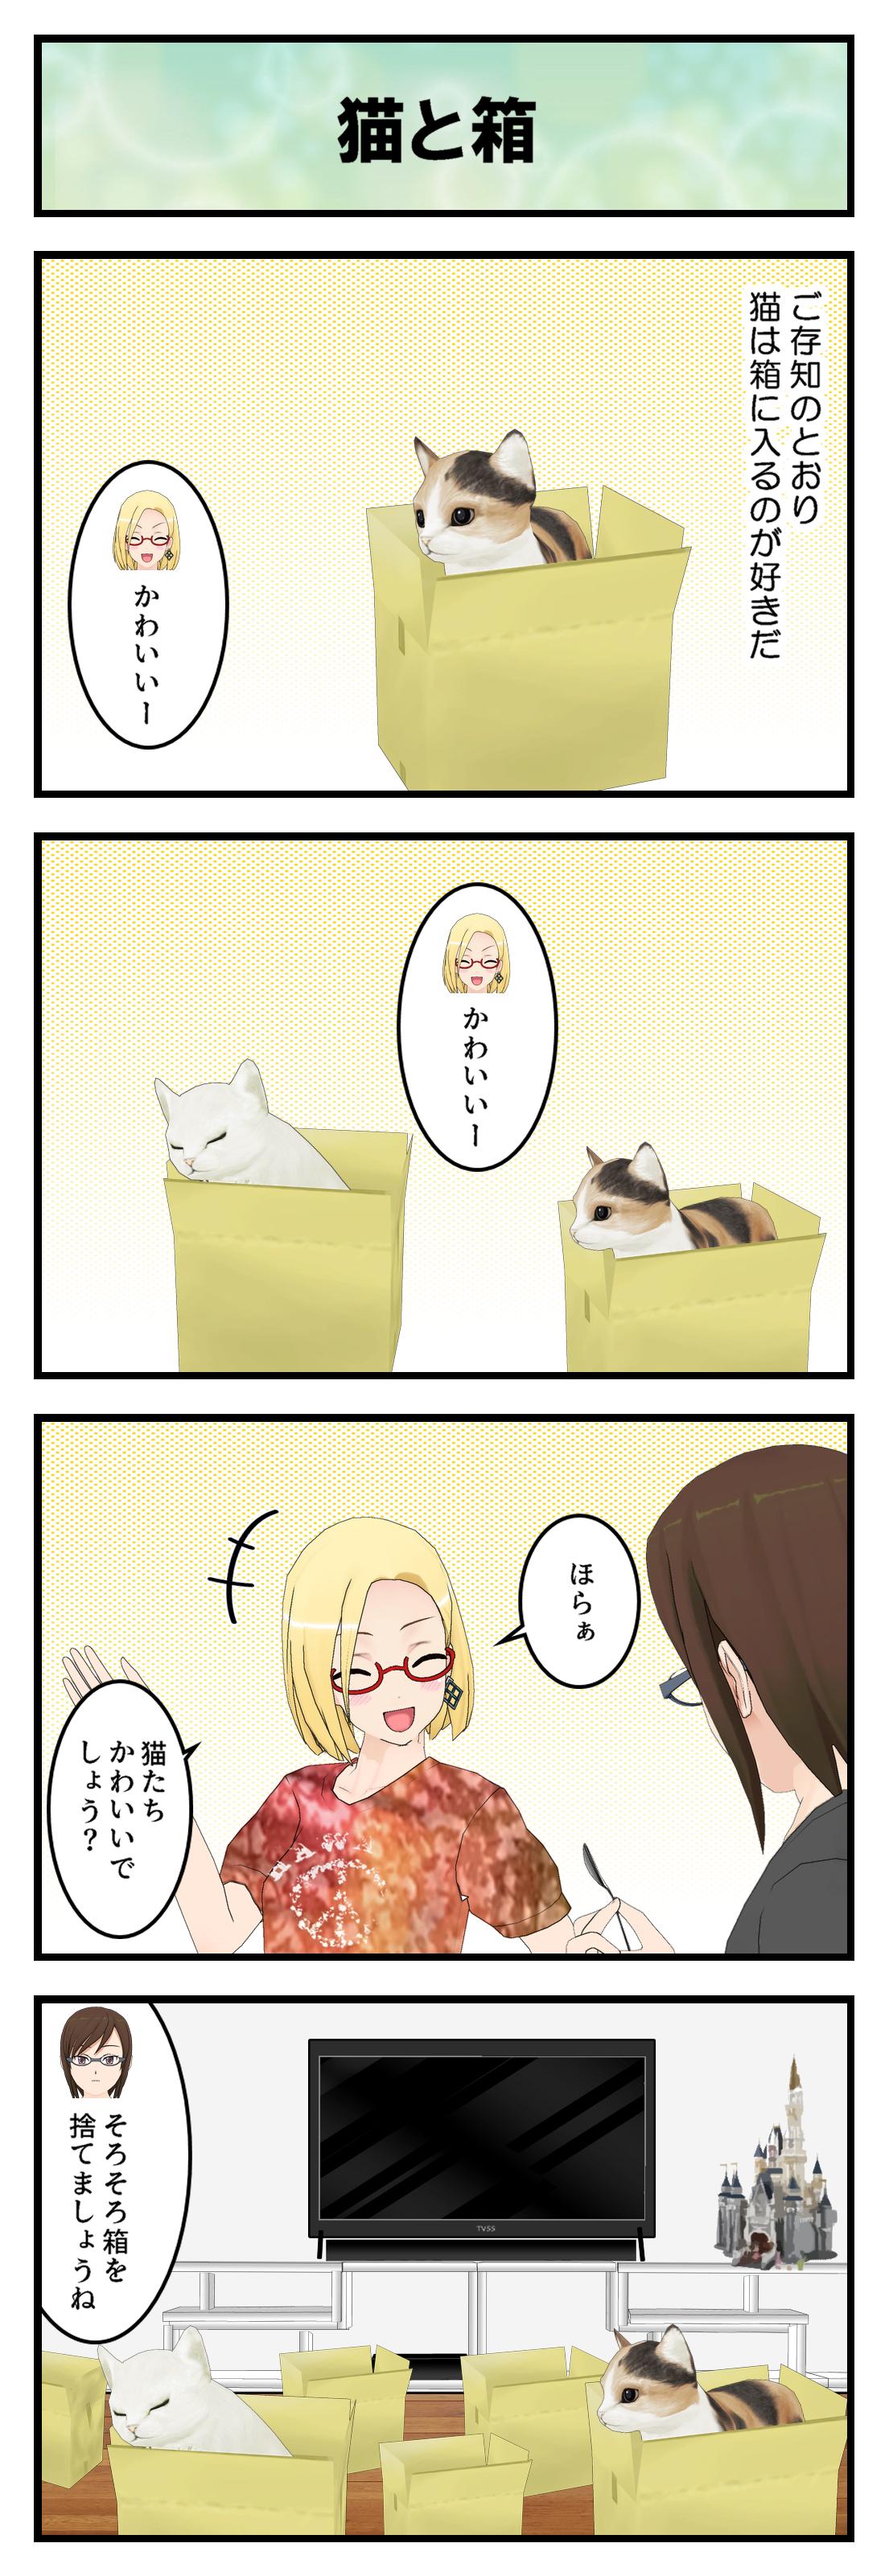 R301_猫の箱増えすぎ_001